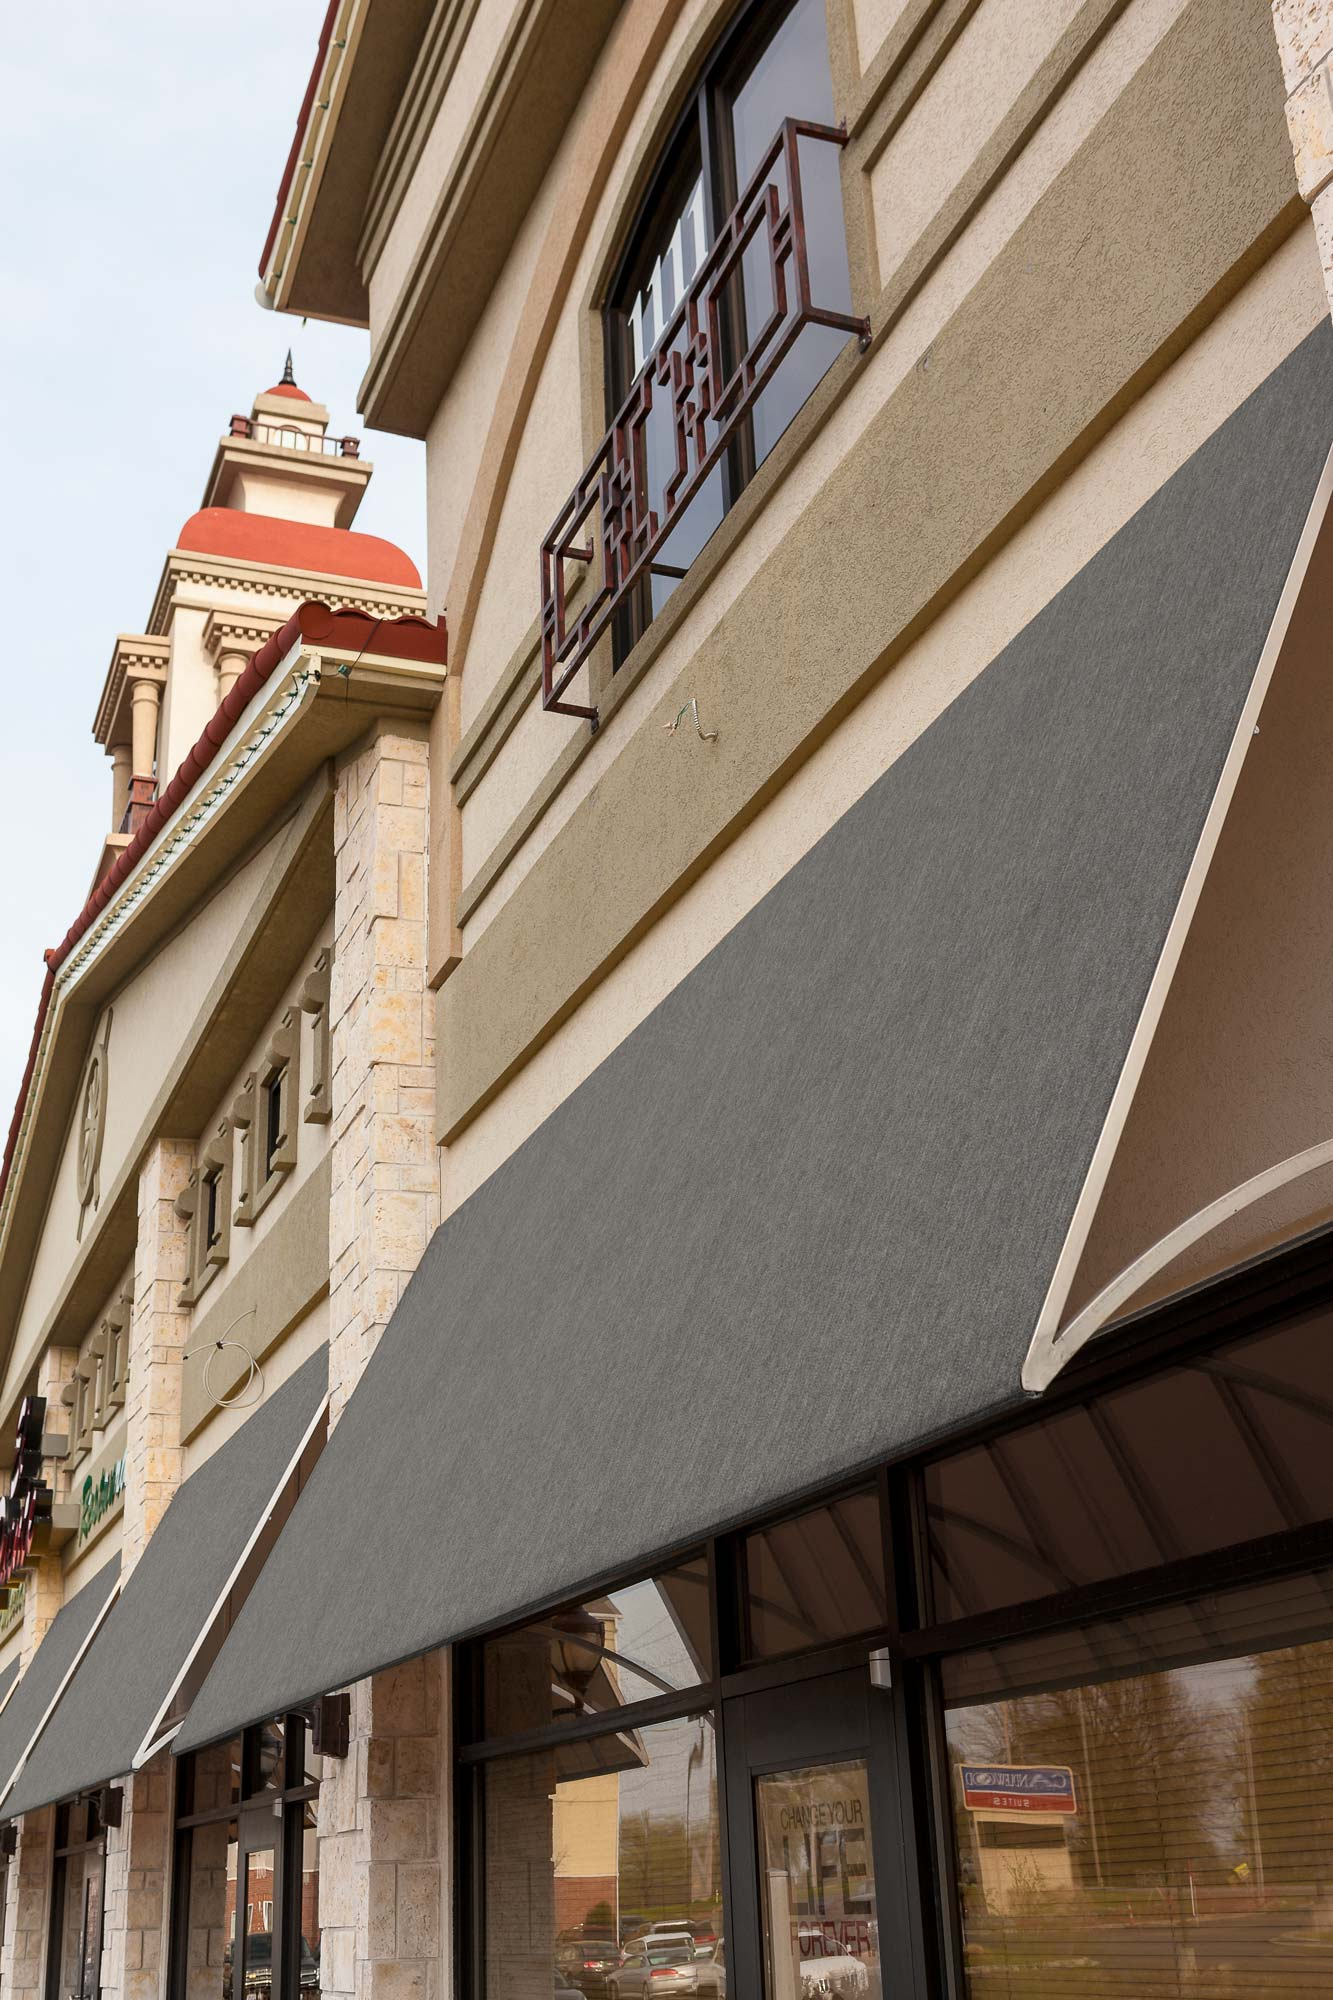 一排商店的侧面俯拍照片,商店橱窗的遮阳篷都采用 Sunbrella SeaMark 织物制成。